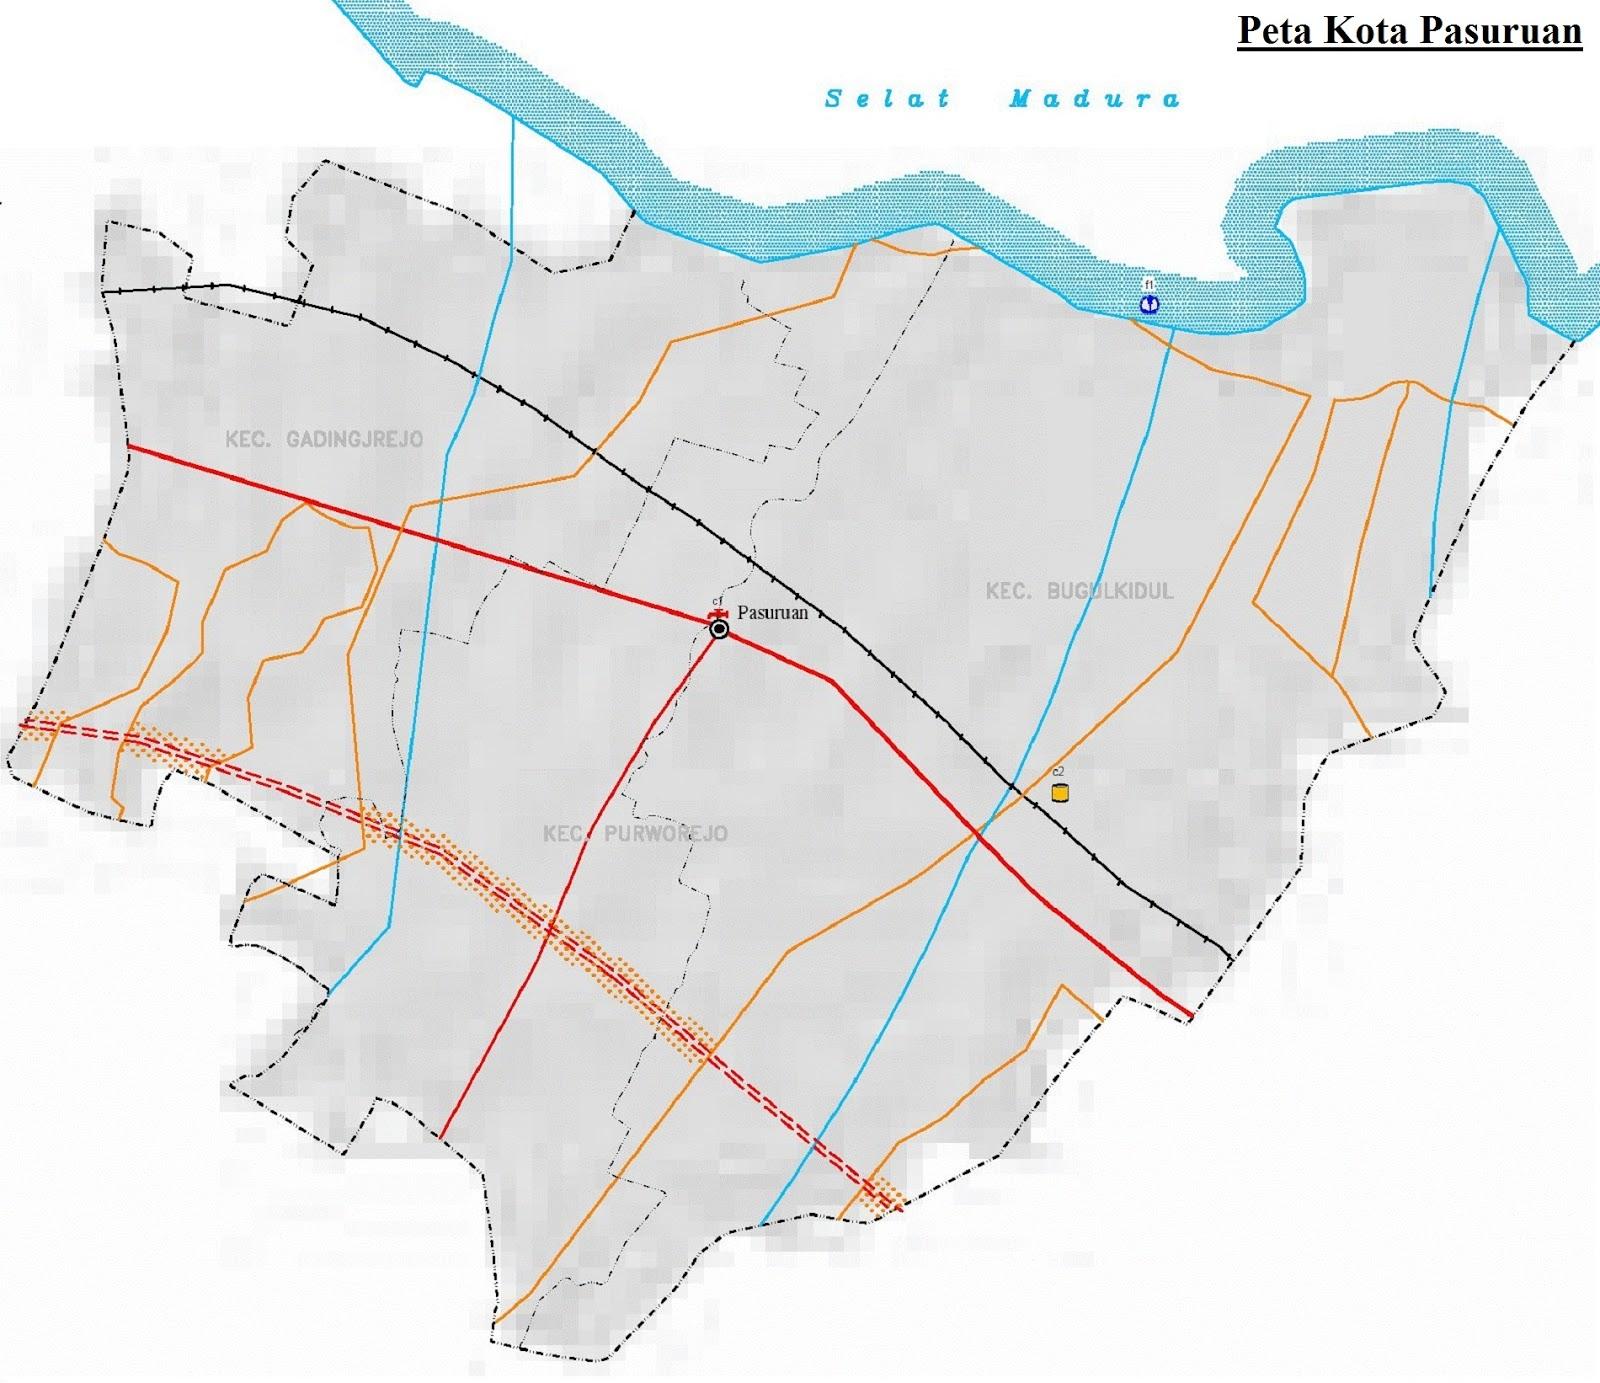 Peta Kota Pasuruan HD